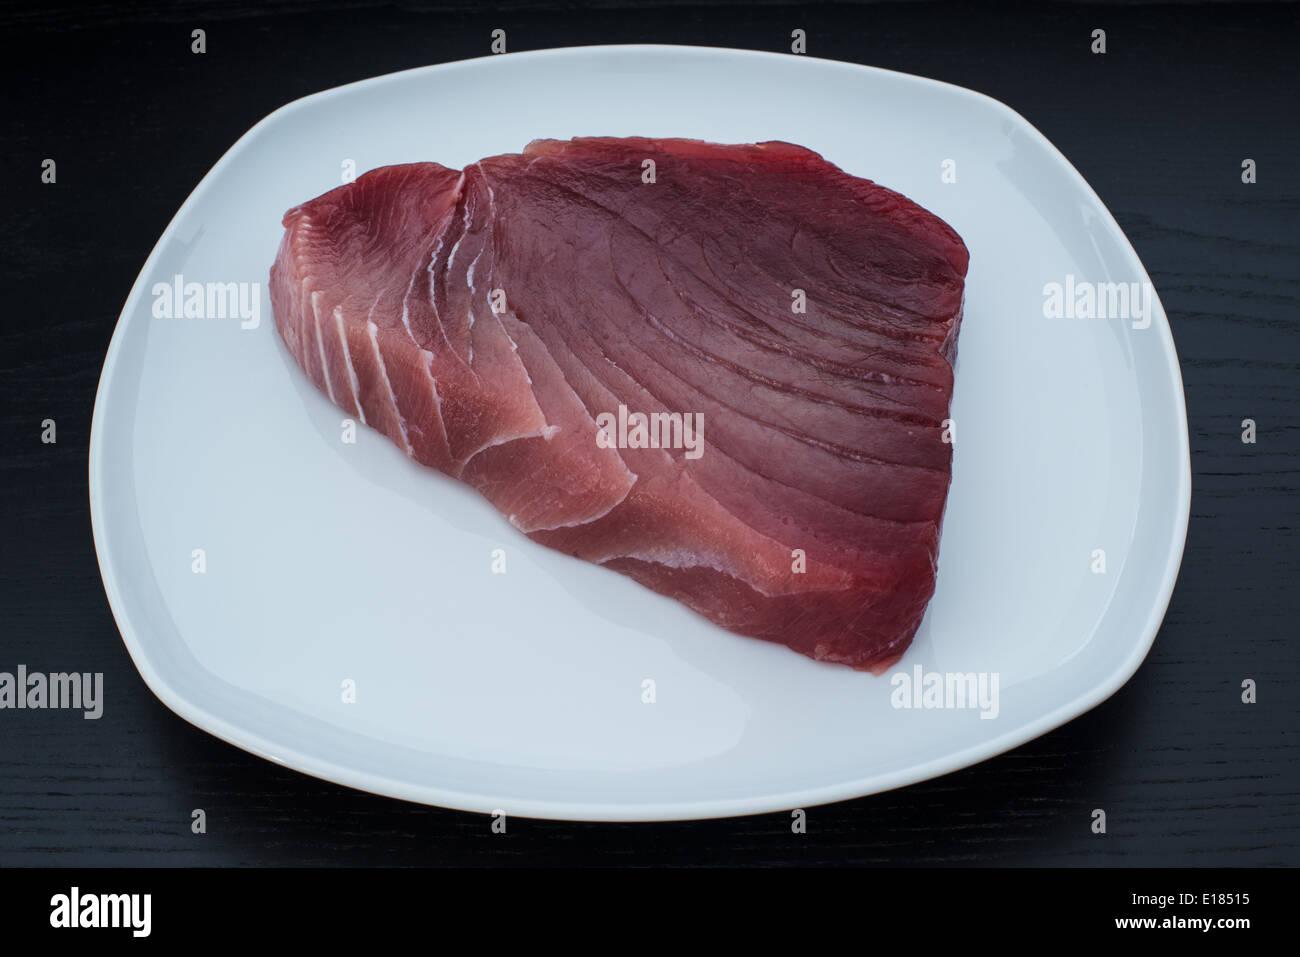 Grandi e fresche Materie tonno albacora bistecca Immagini Stock